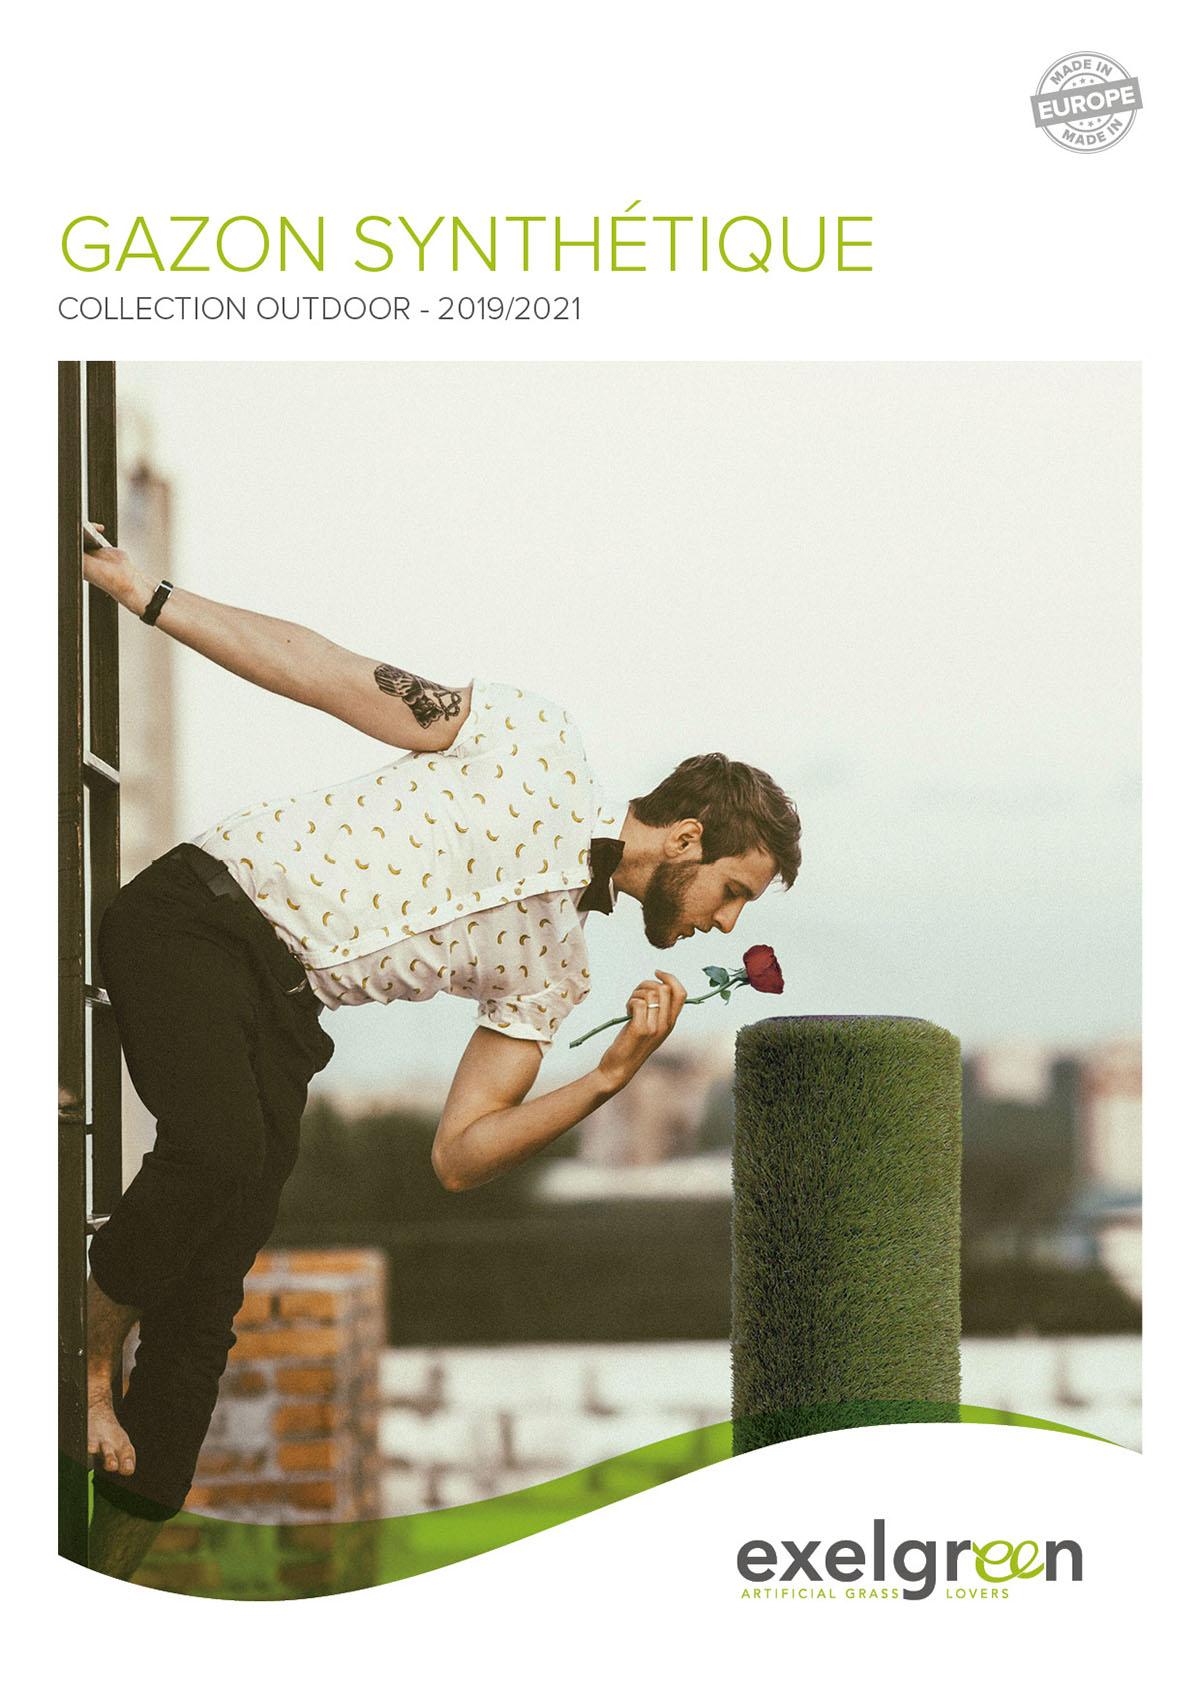 Catalogue exelgreen fabricant de gazon et pelouse synth tique exelgreen - Gazon synthetique avis ...